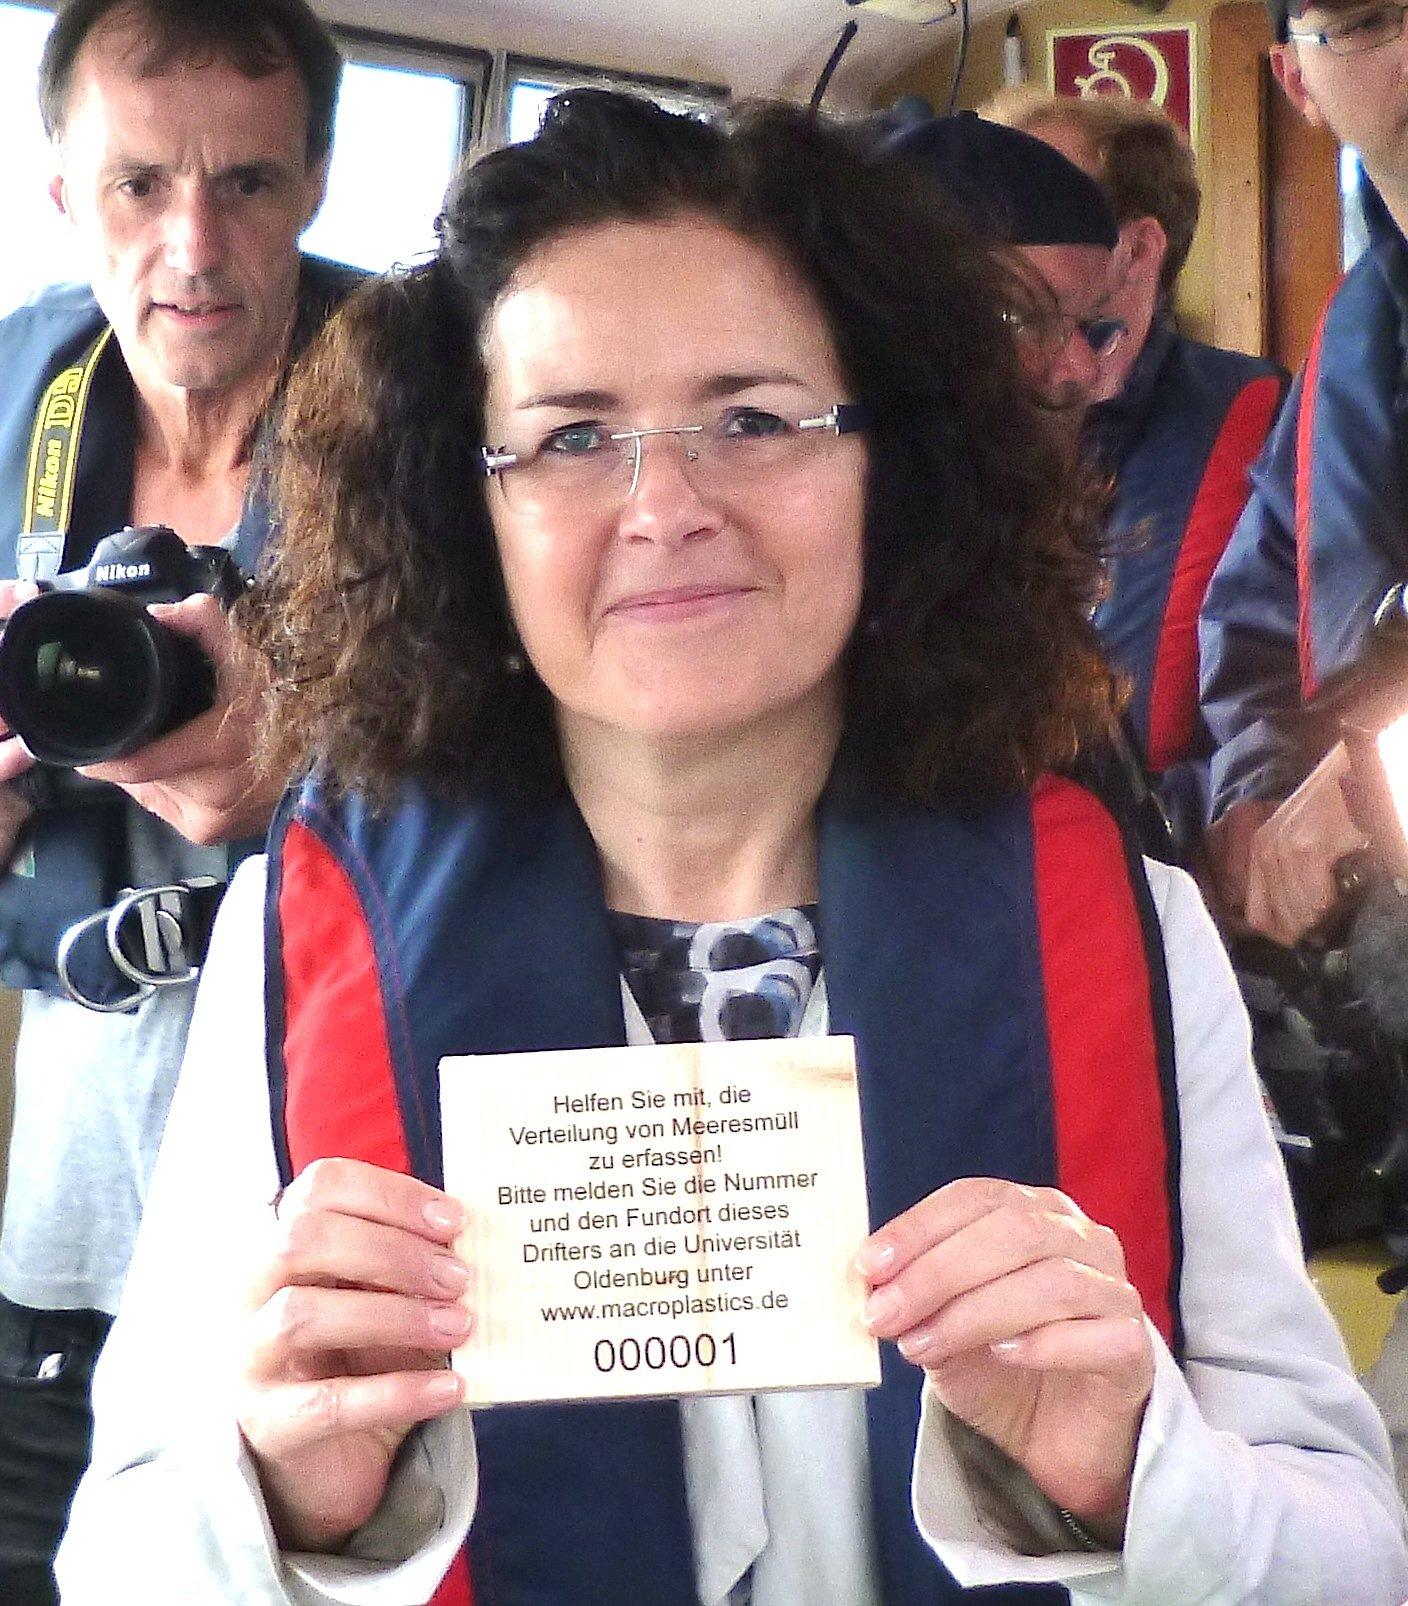 Die niedersächsische Wissenschaftsministerin Gabriele Heinen-Kljajić hält ein Holztäfelchen in der Hand. 100.000 werden in der Nordsee verteilt.